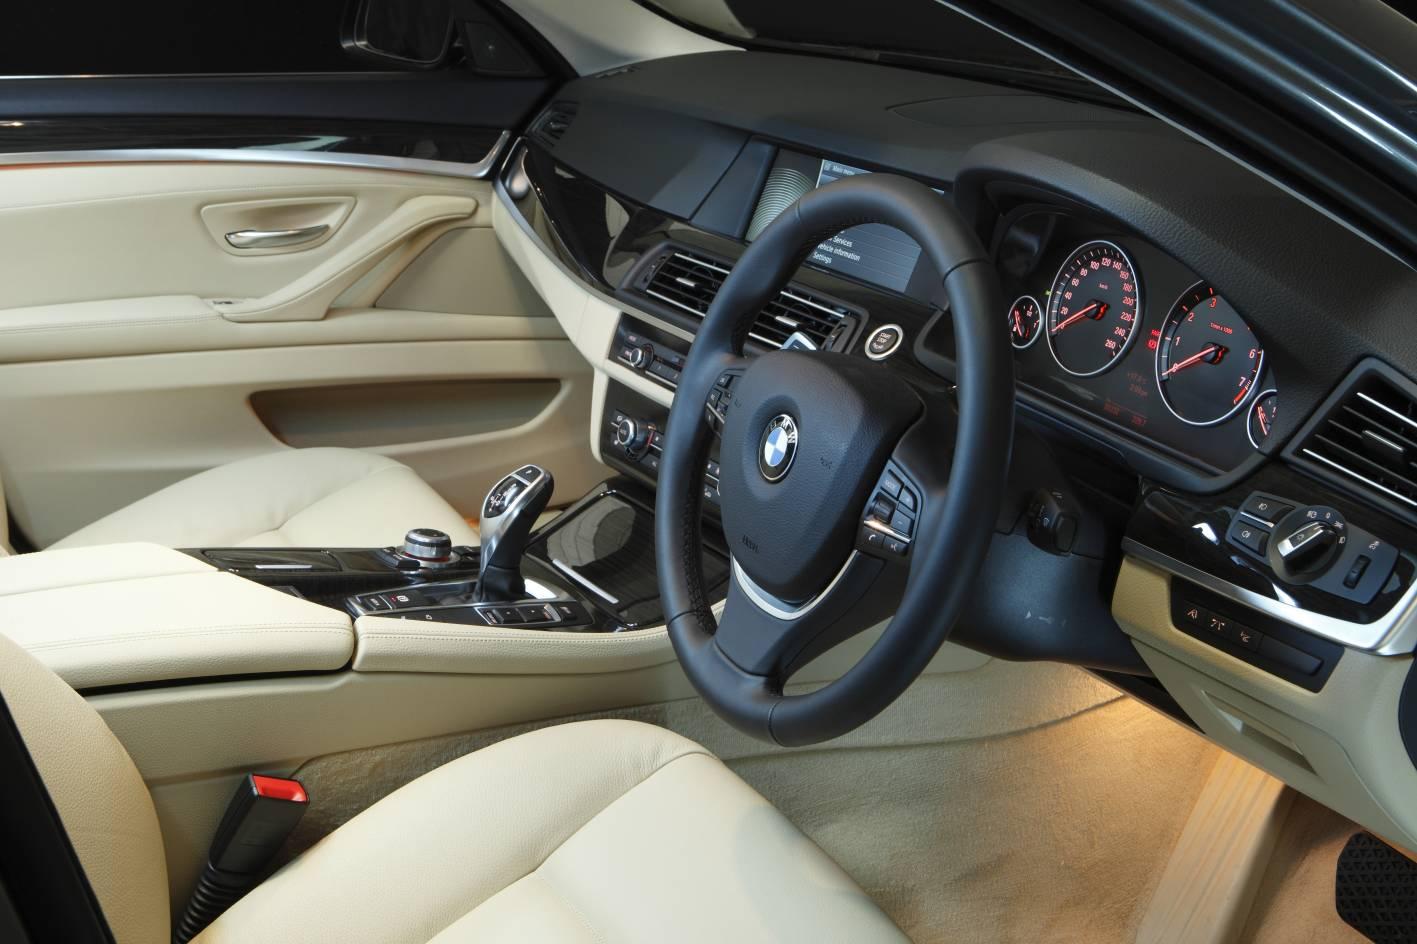 2011_bmw_5_series_sedan_06